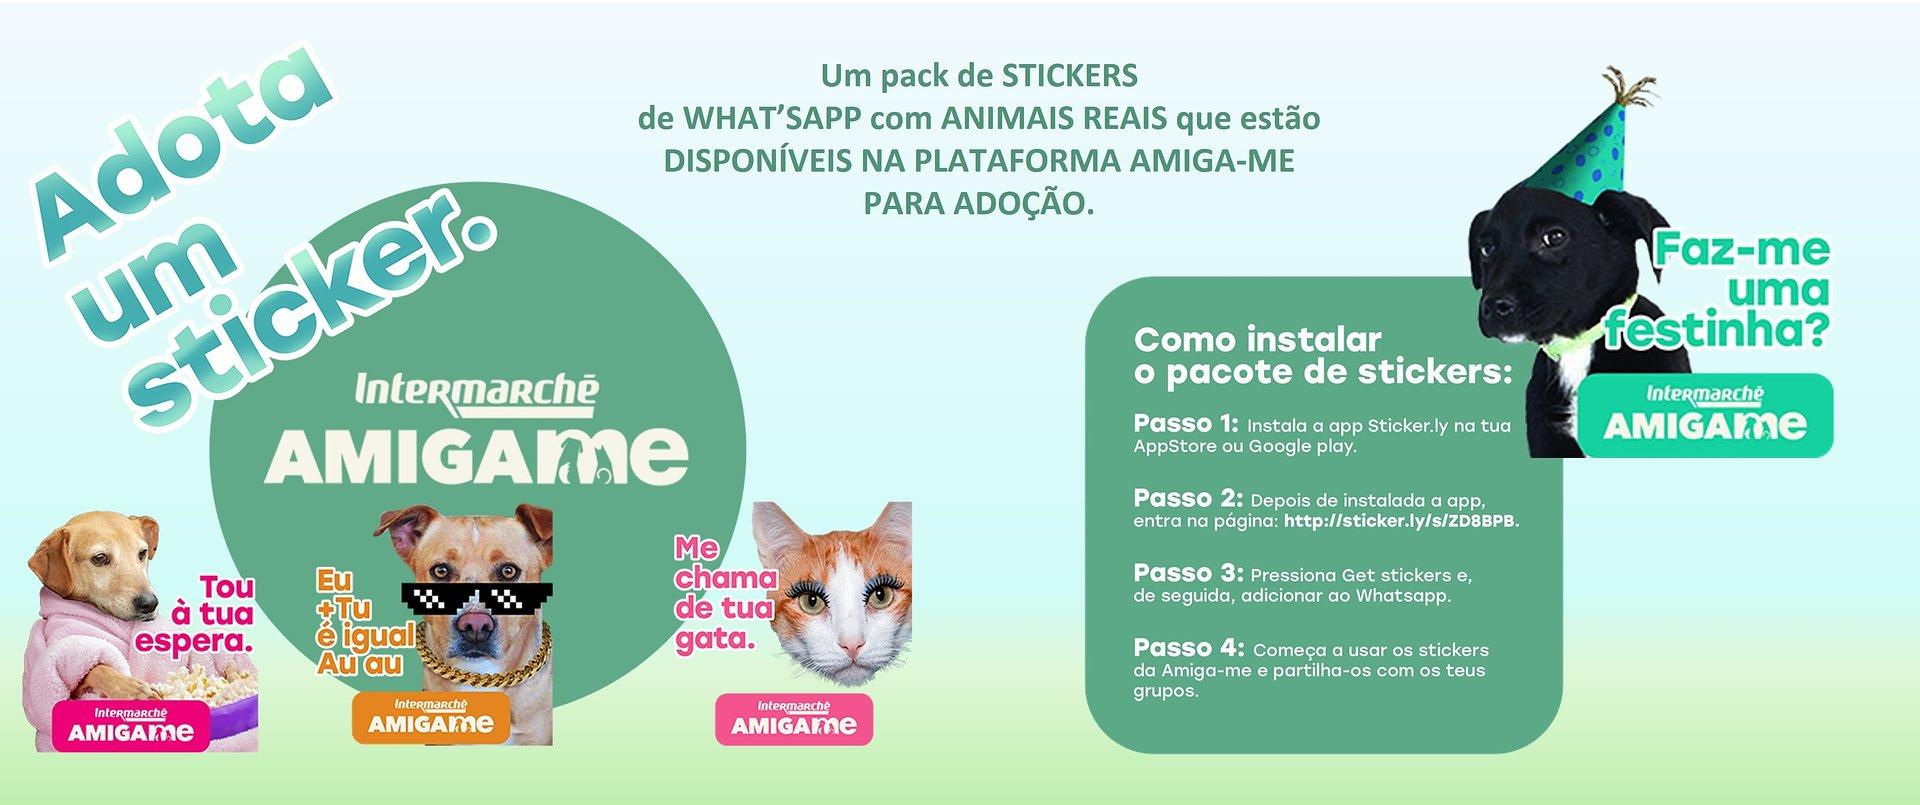 Intermarché lança campanha solidária inovadora com stickers do WhatsApp para promover a adoção de animais